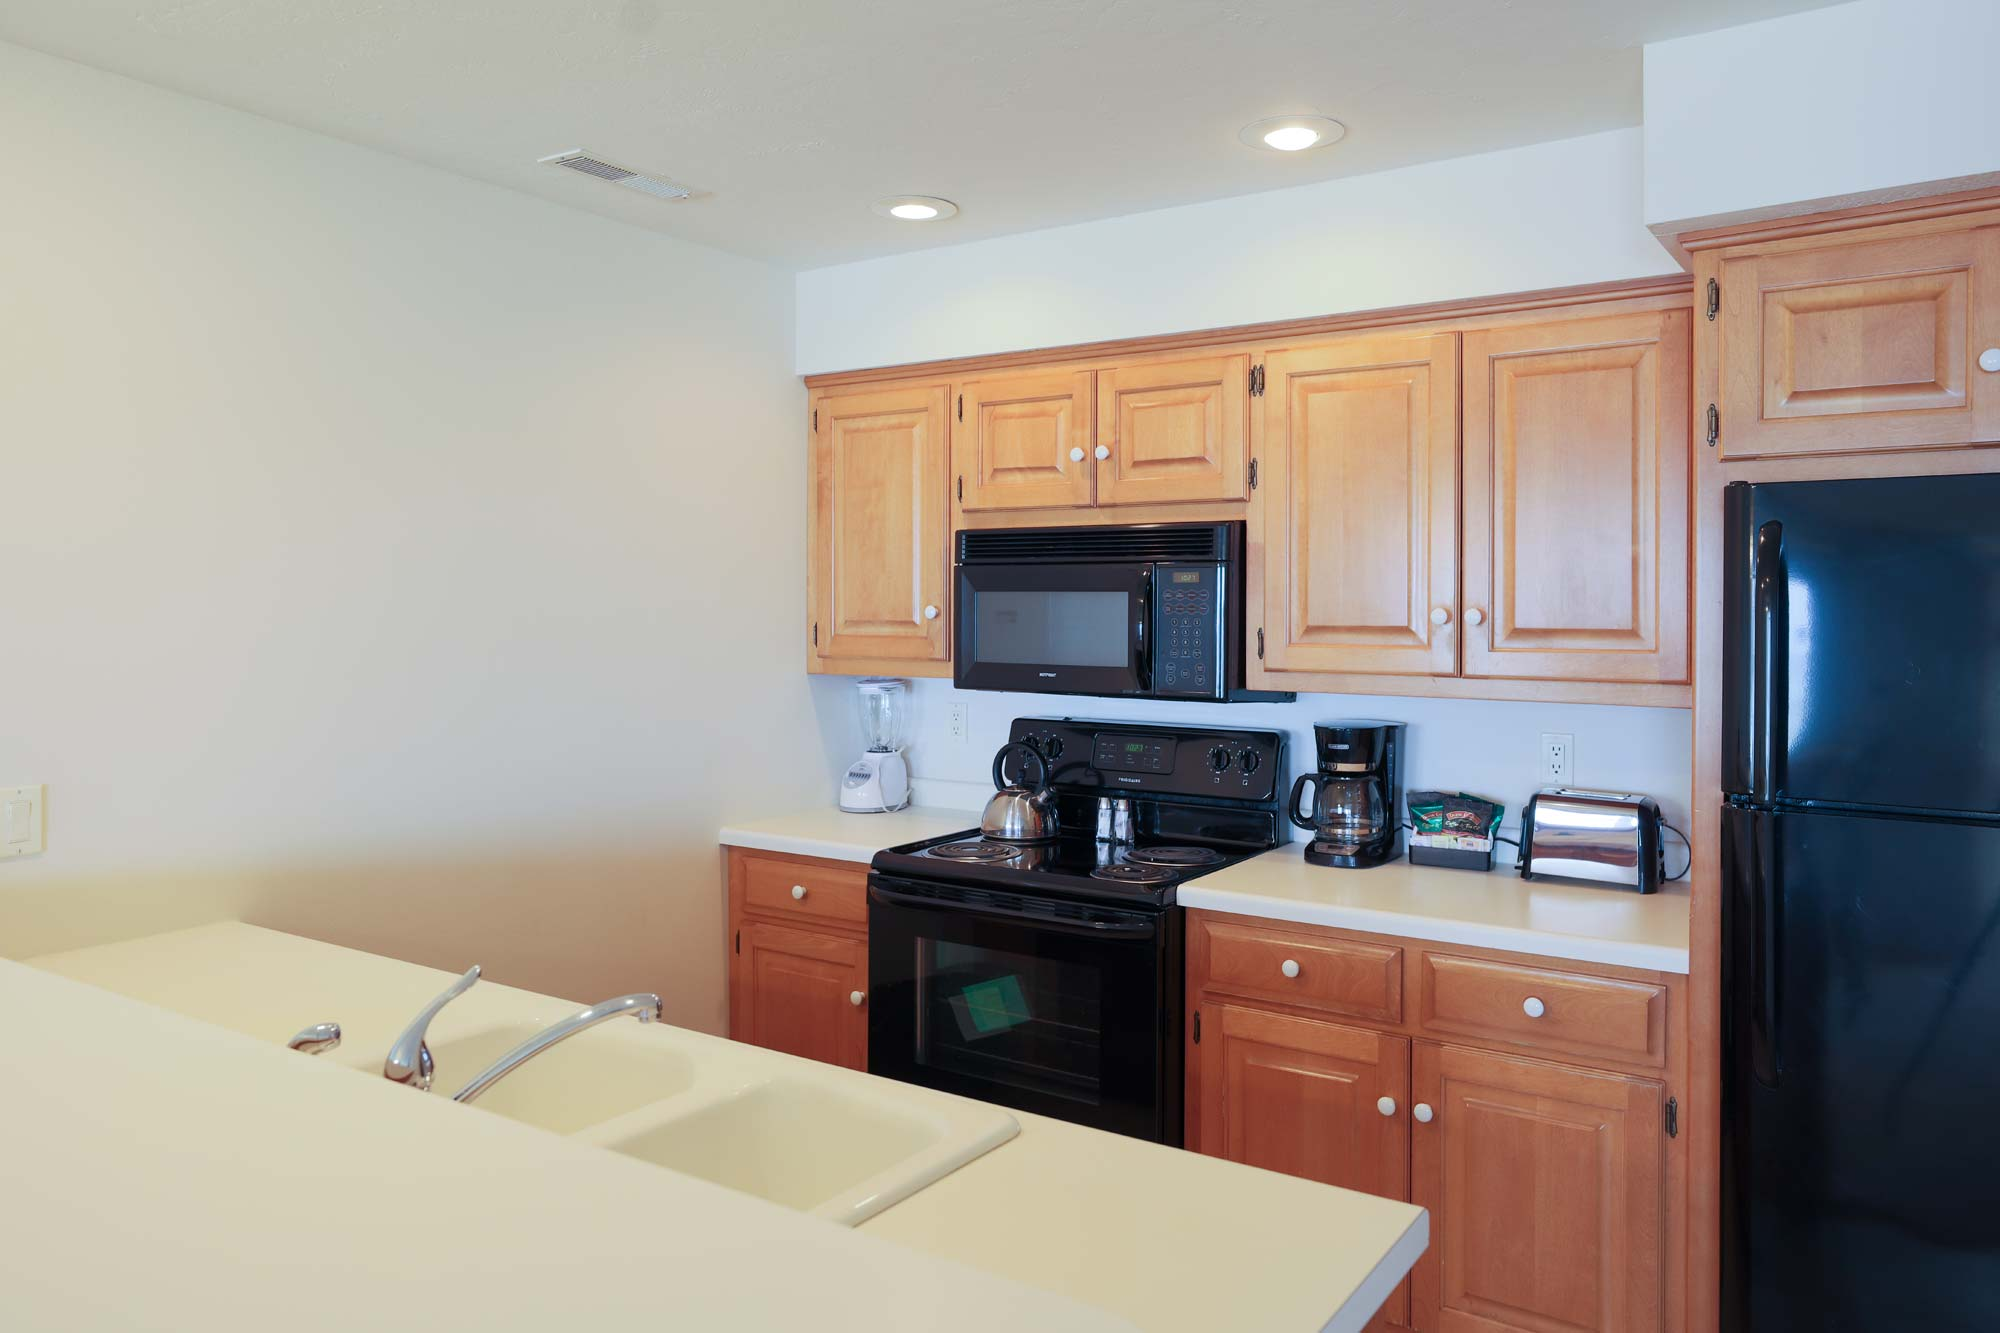 Kitchen of 3 Bedroom Resort Suite at Door County Hotel Glidden Lodge